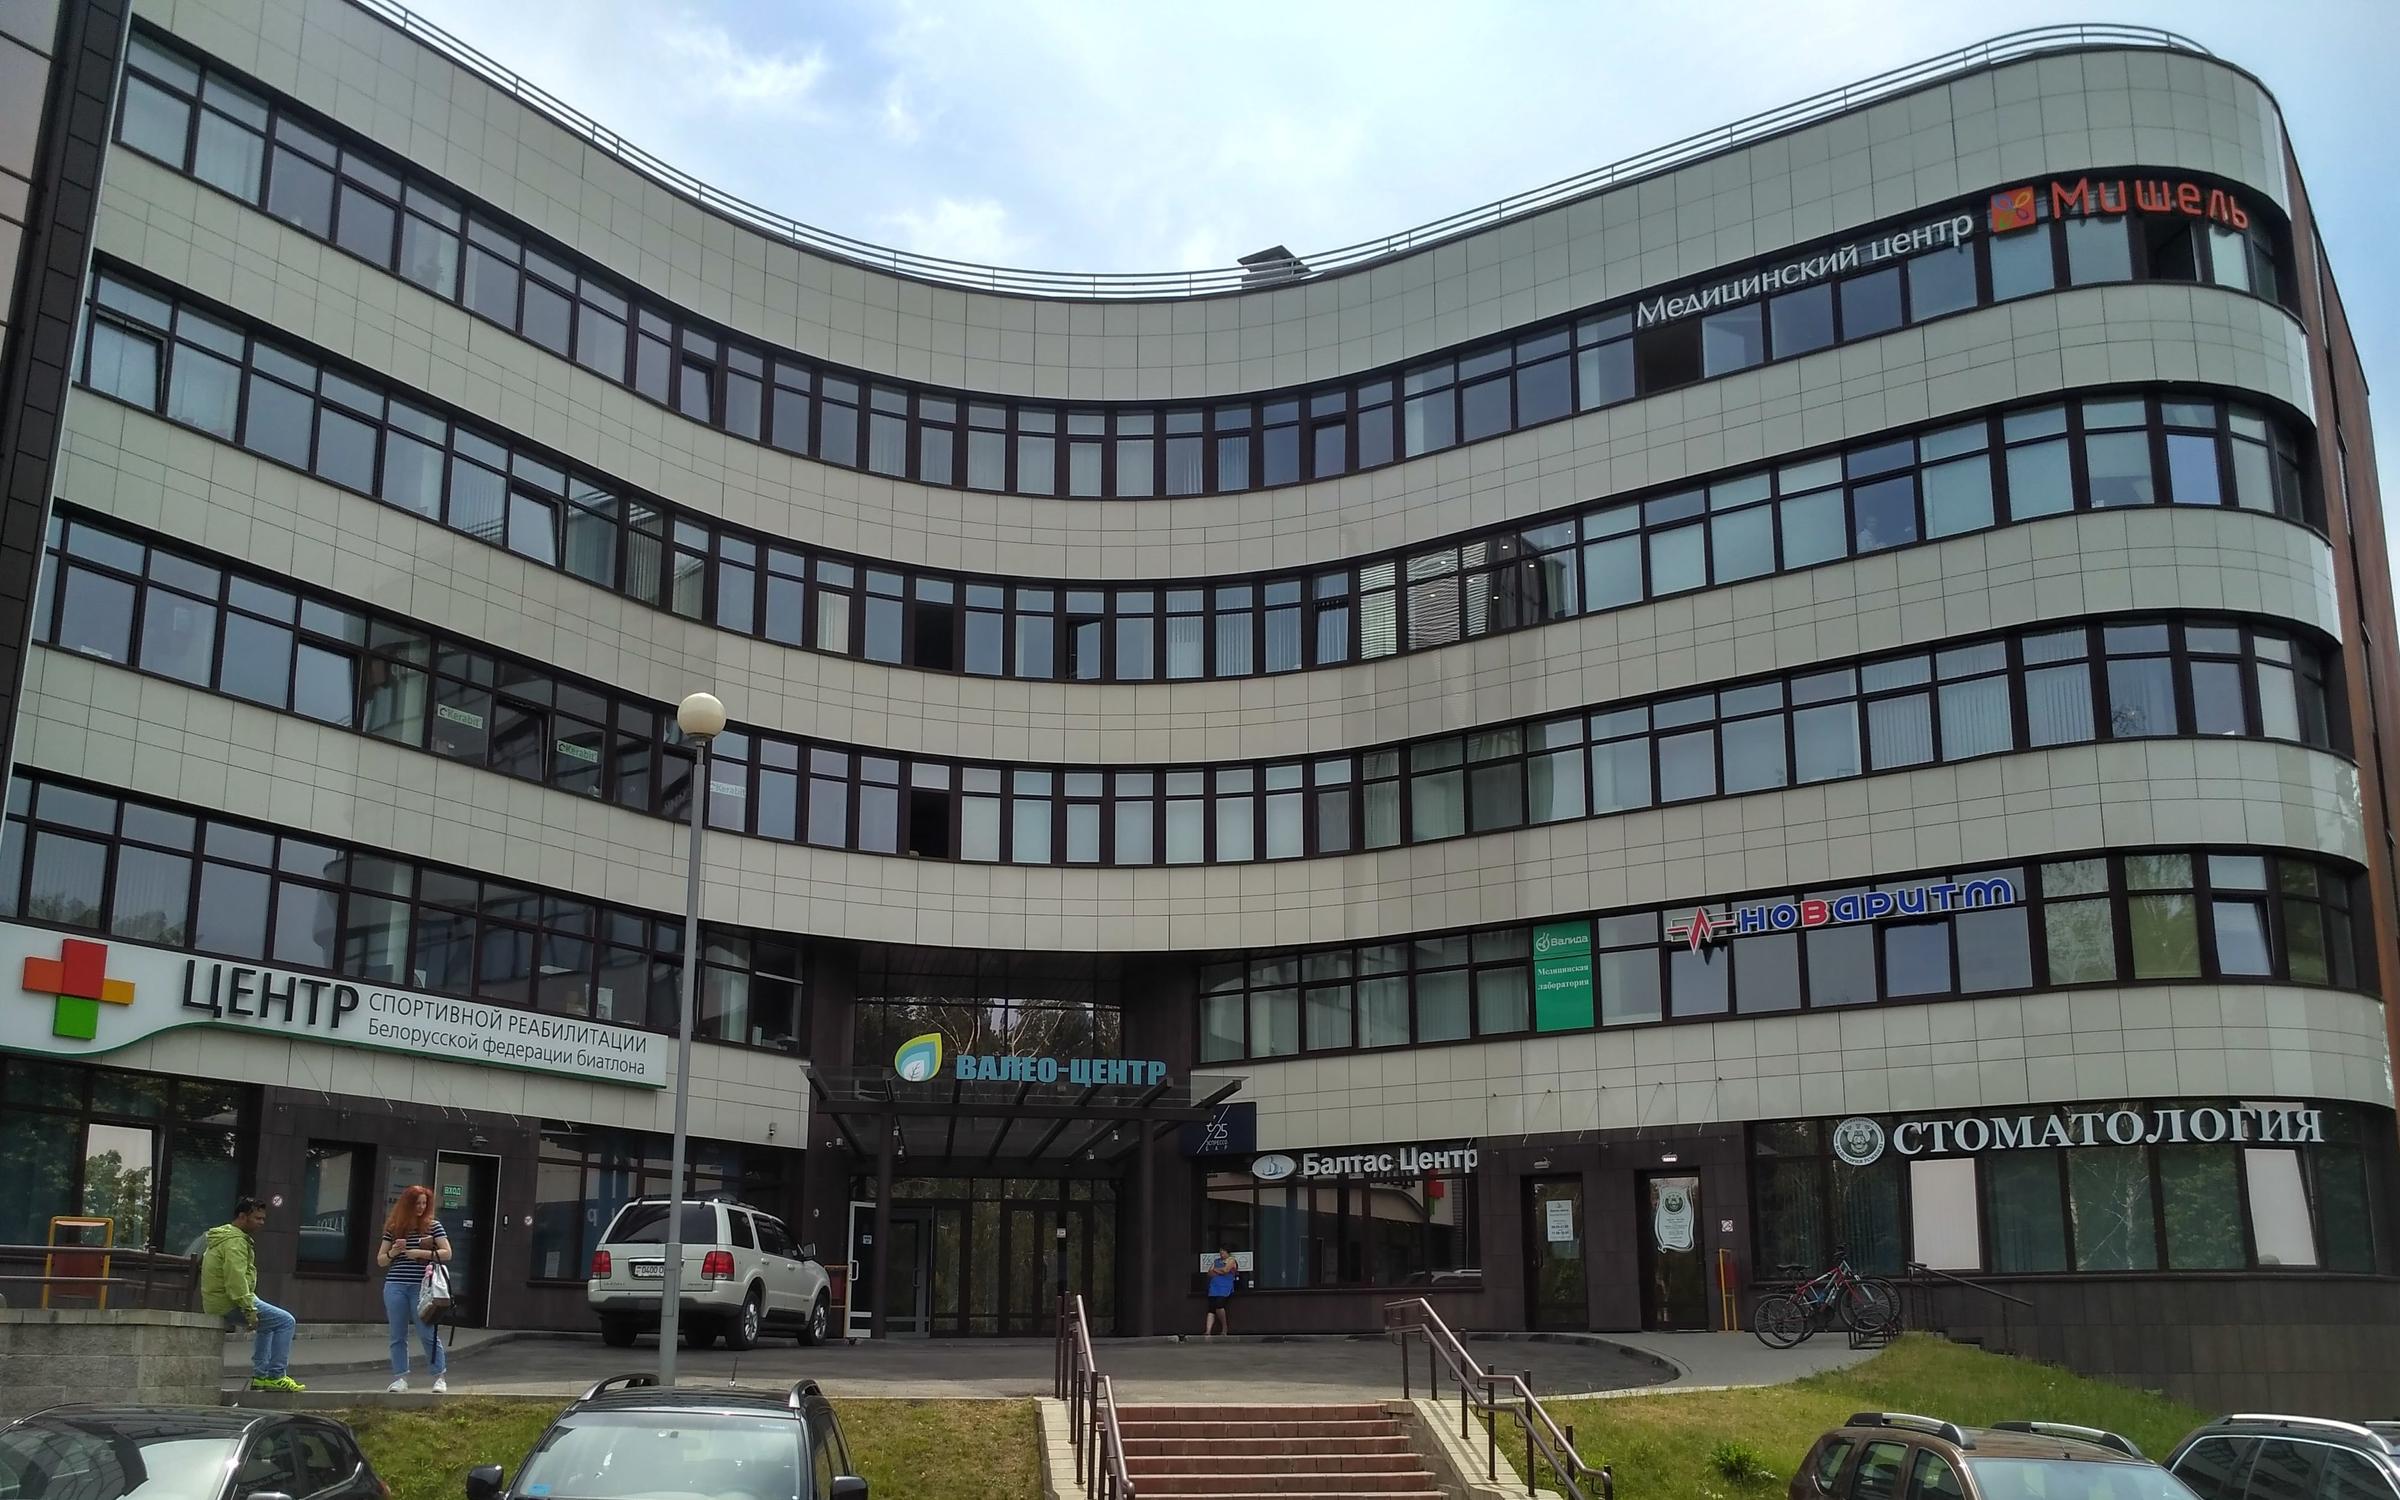 фотография Центра кардиологии и неврологии Новаритм на улице Франциска Скорины